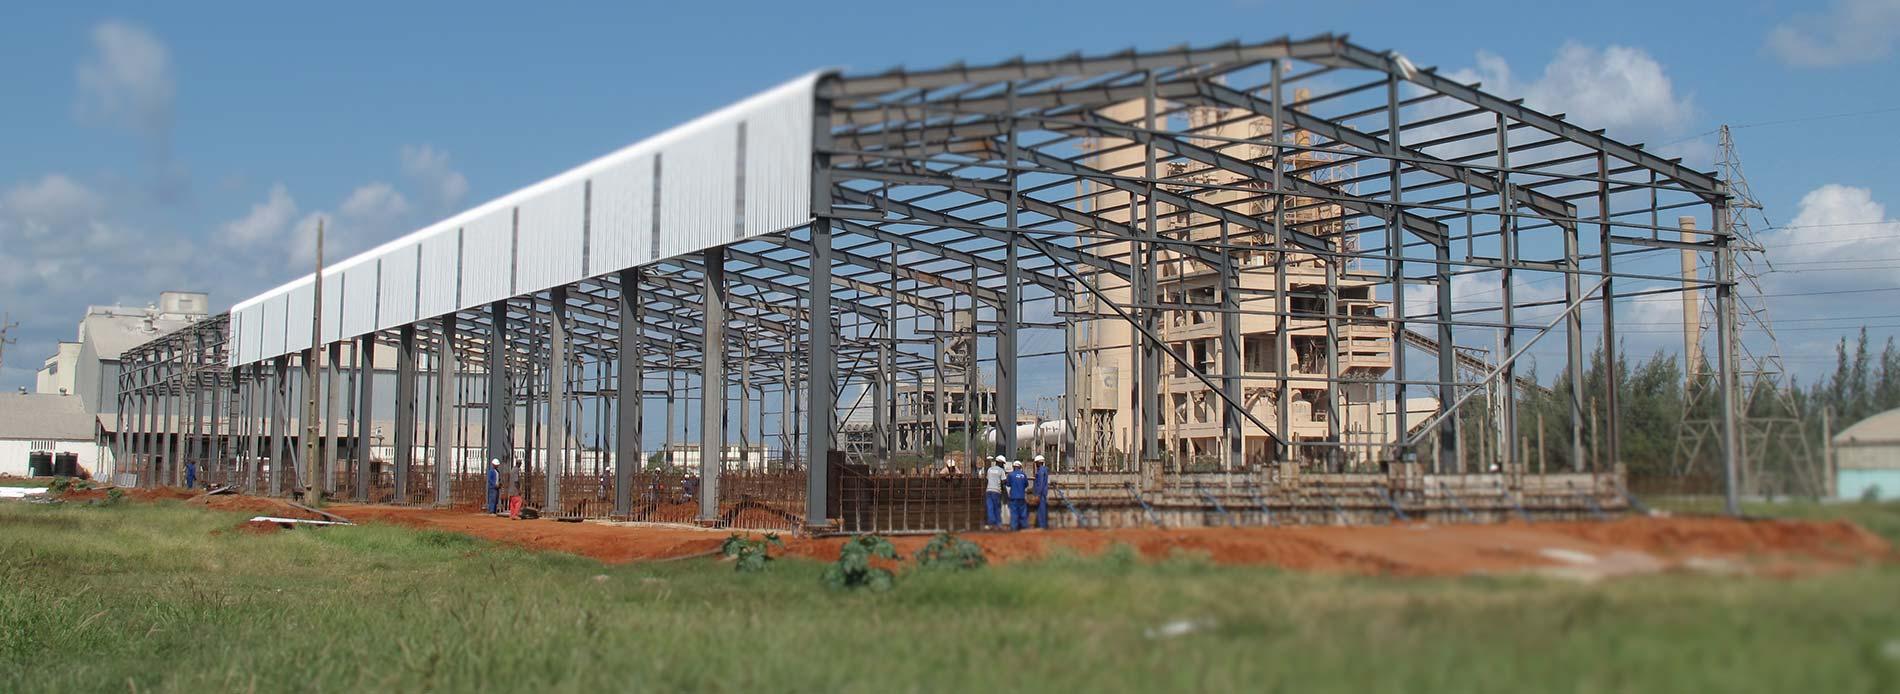 CIM Maputo BT Steel